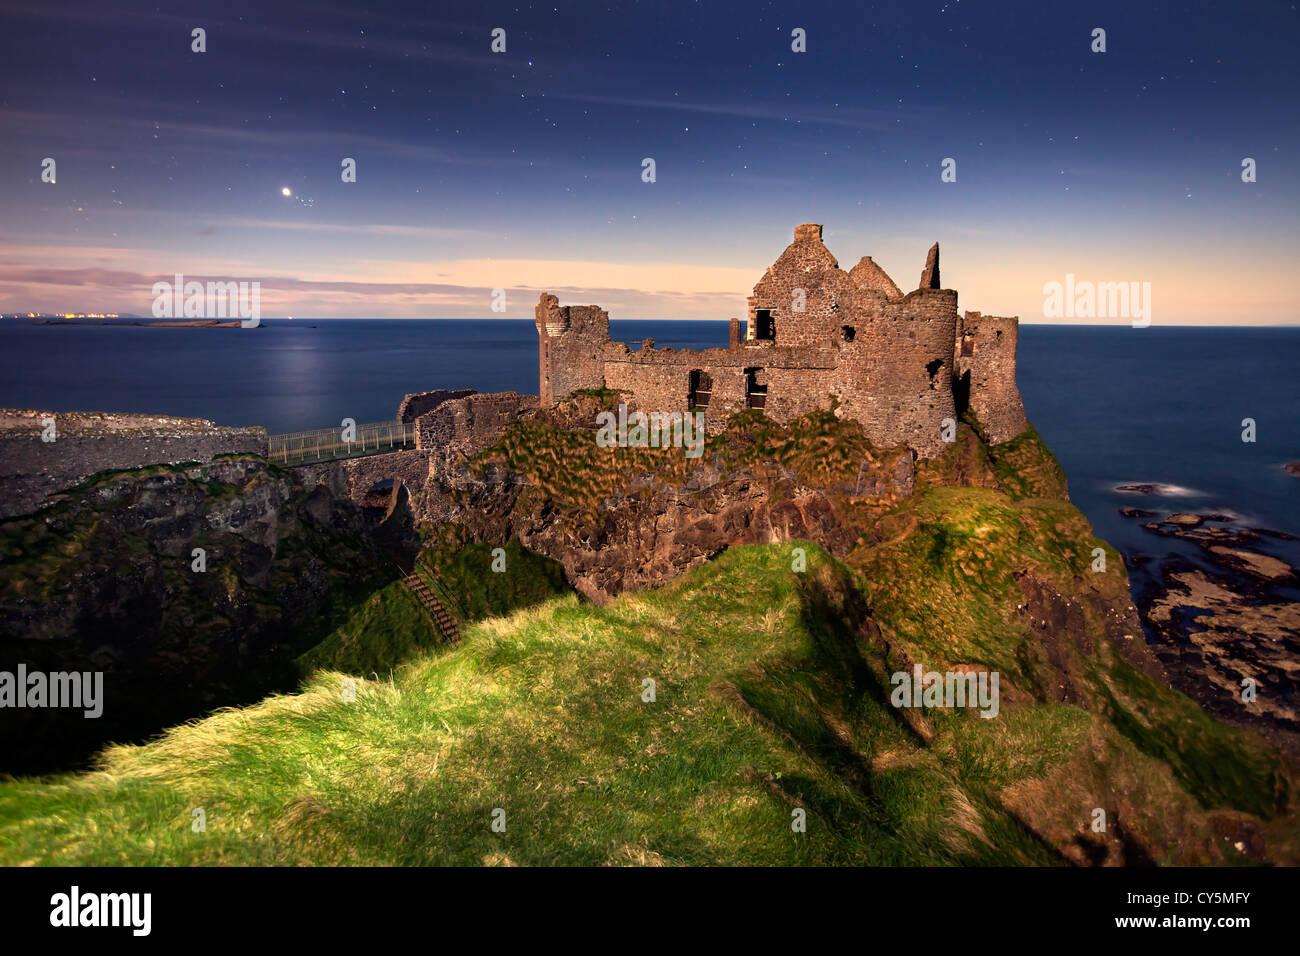 Dunluce Castle gefangen in der Nacht im Mondlicht. Stockfoto